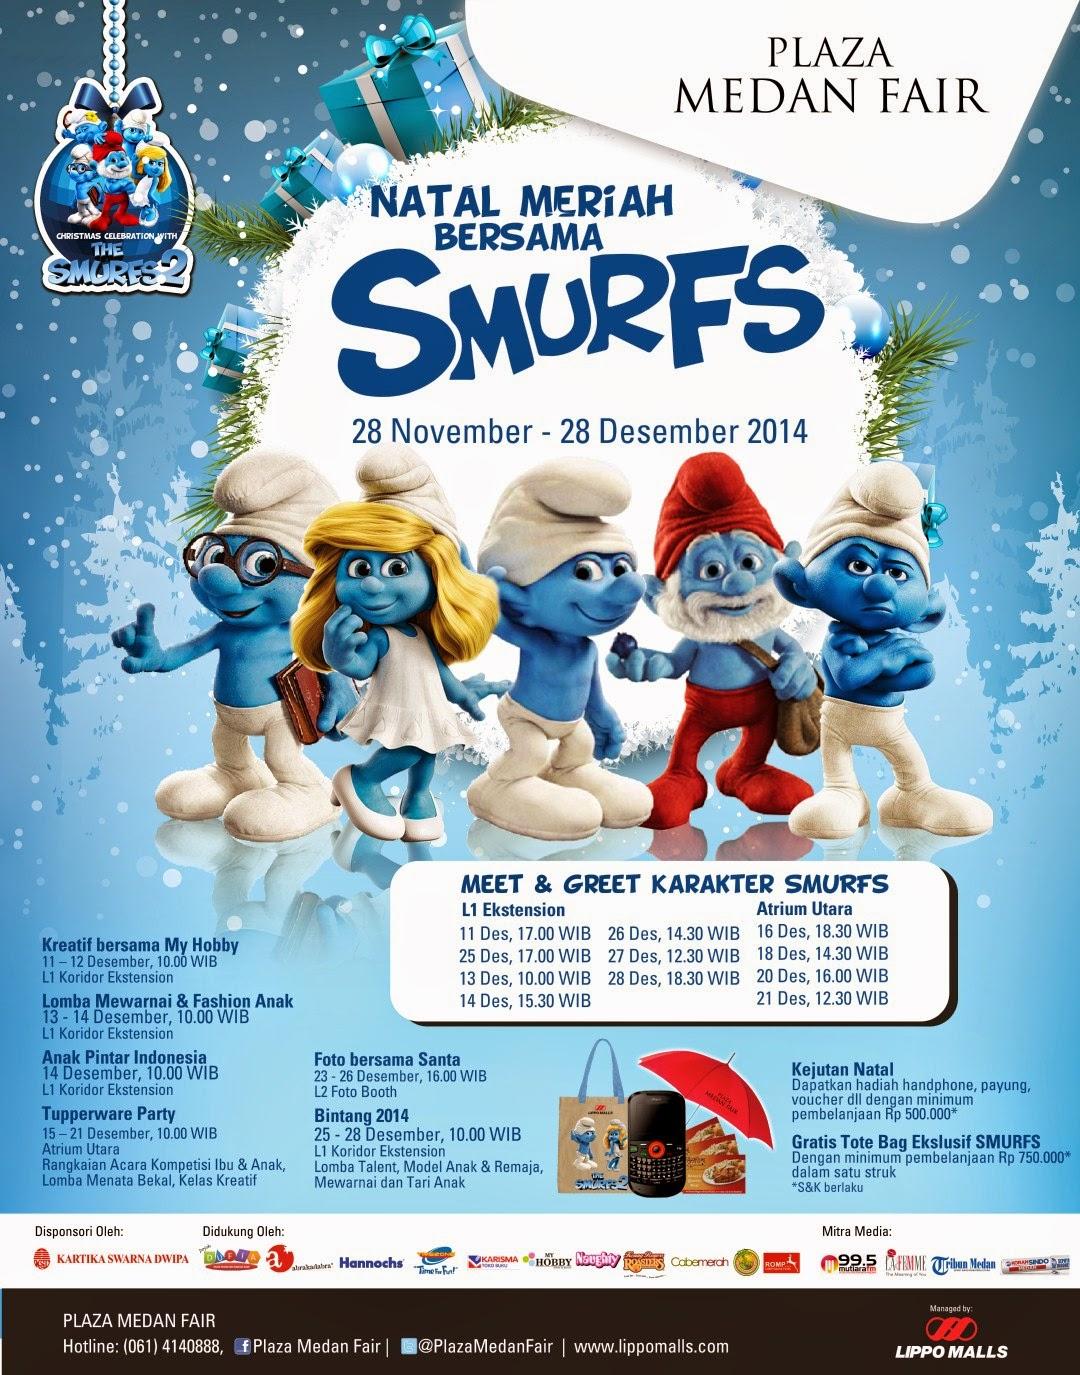 Plaza Medan Fair Hadirkan Natal Meriah Bersama Smurfs